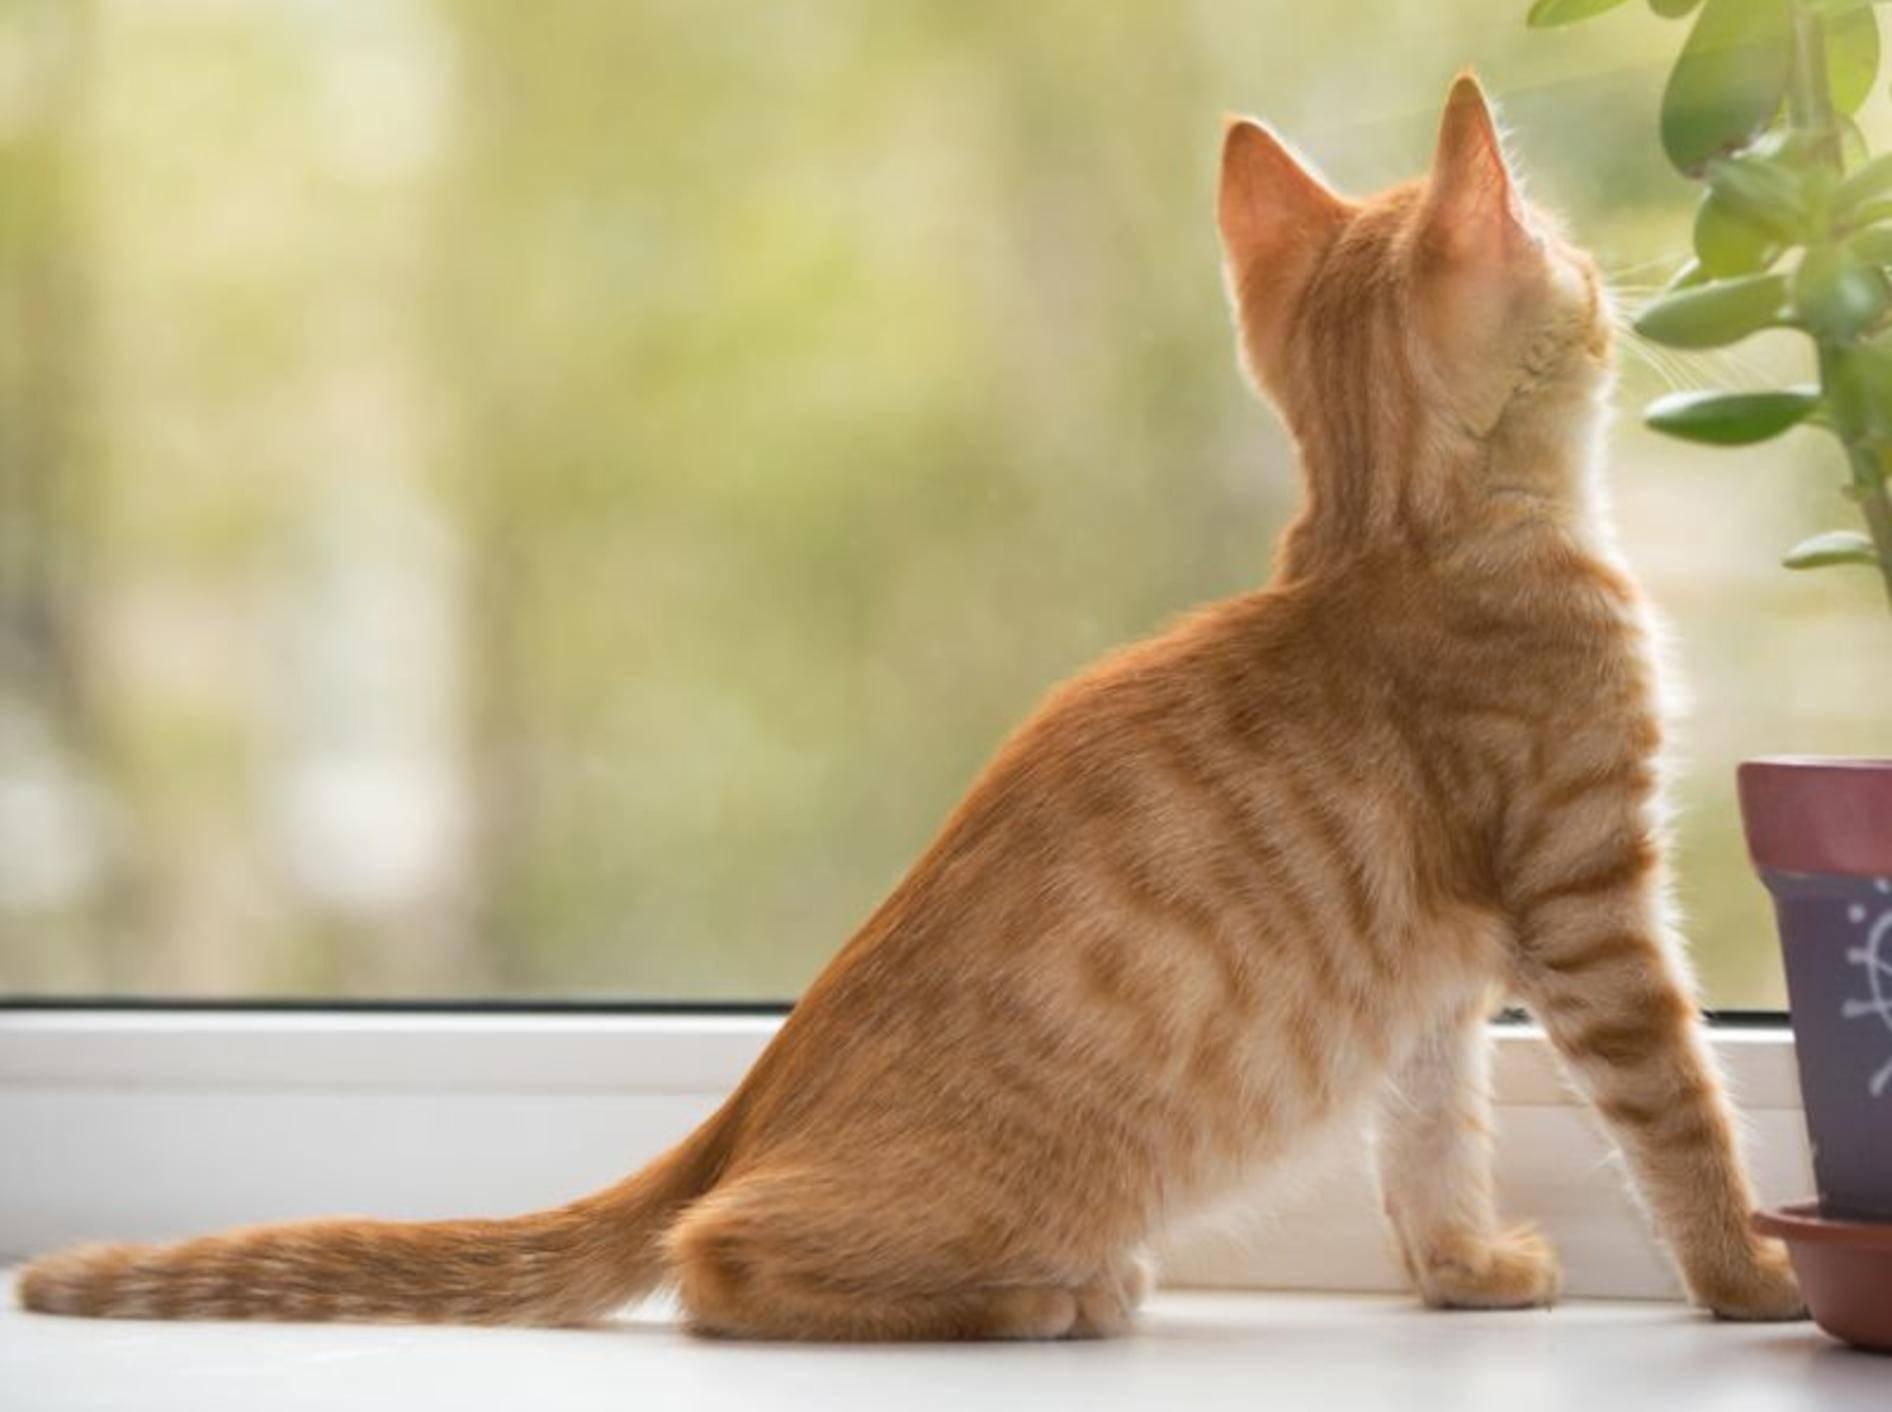 Vorsicht mit offenen Fenstern: Das Kippfenstersyndrom ist für Katzen sehr gefährlich – Bild: Shutterstock / Okssi